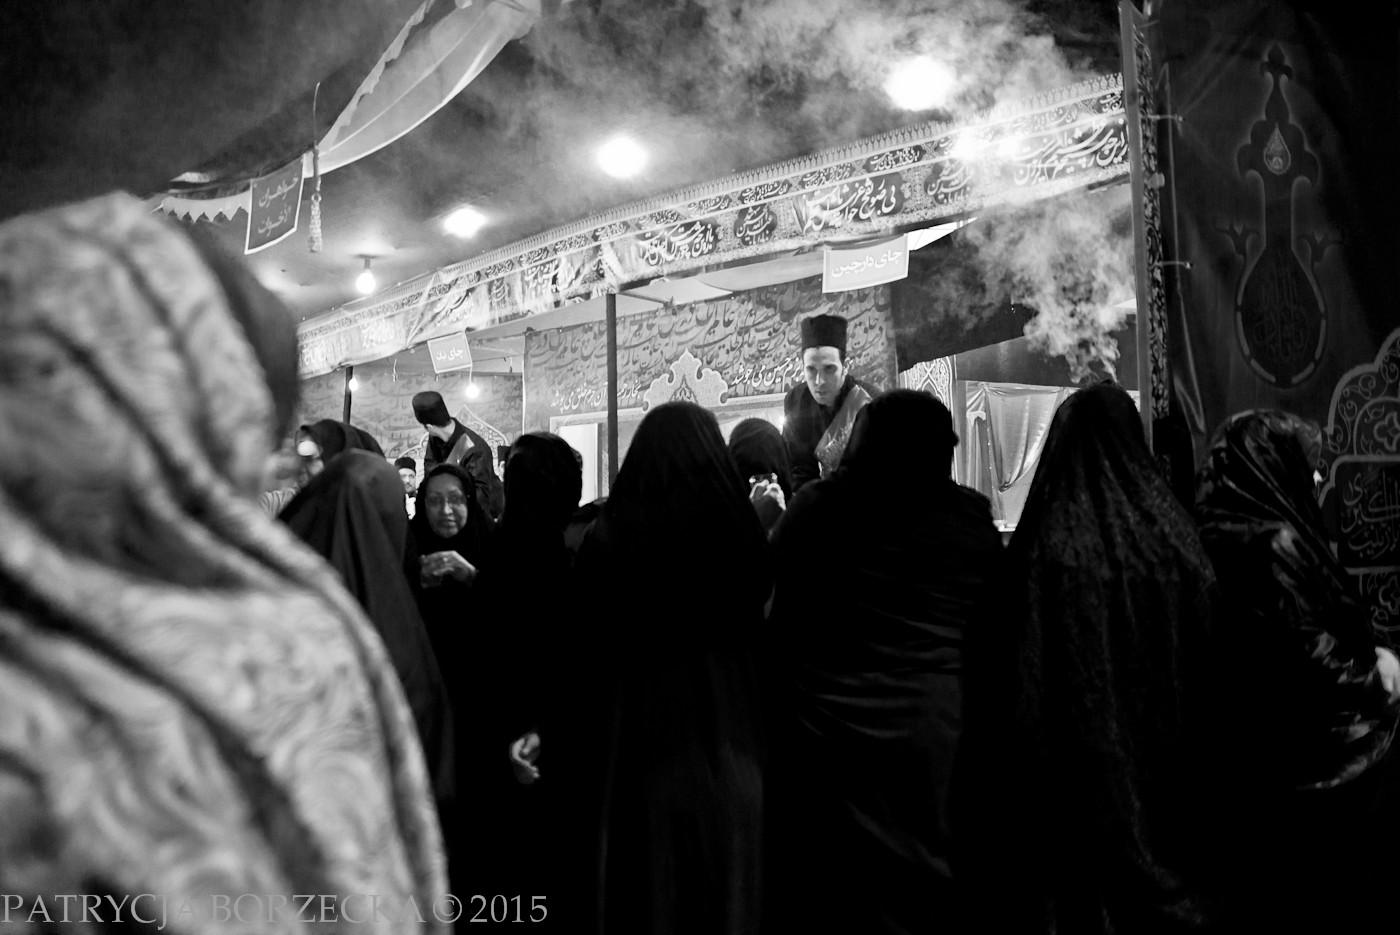 PatrycjaBorzecka-photo-Muharram03